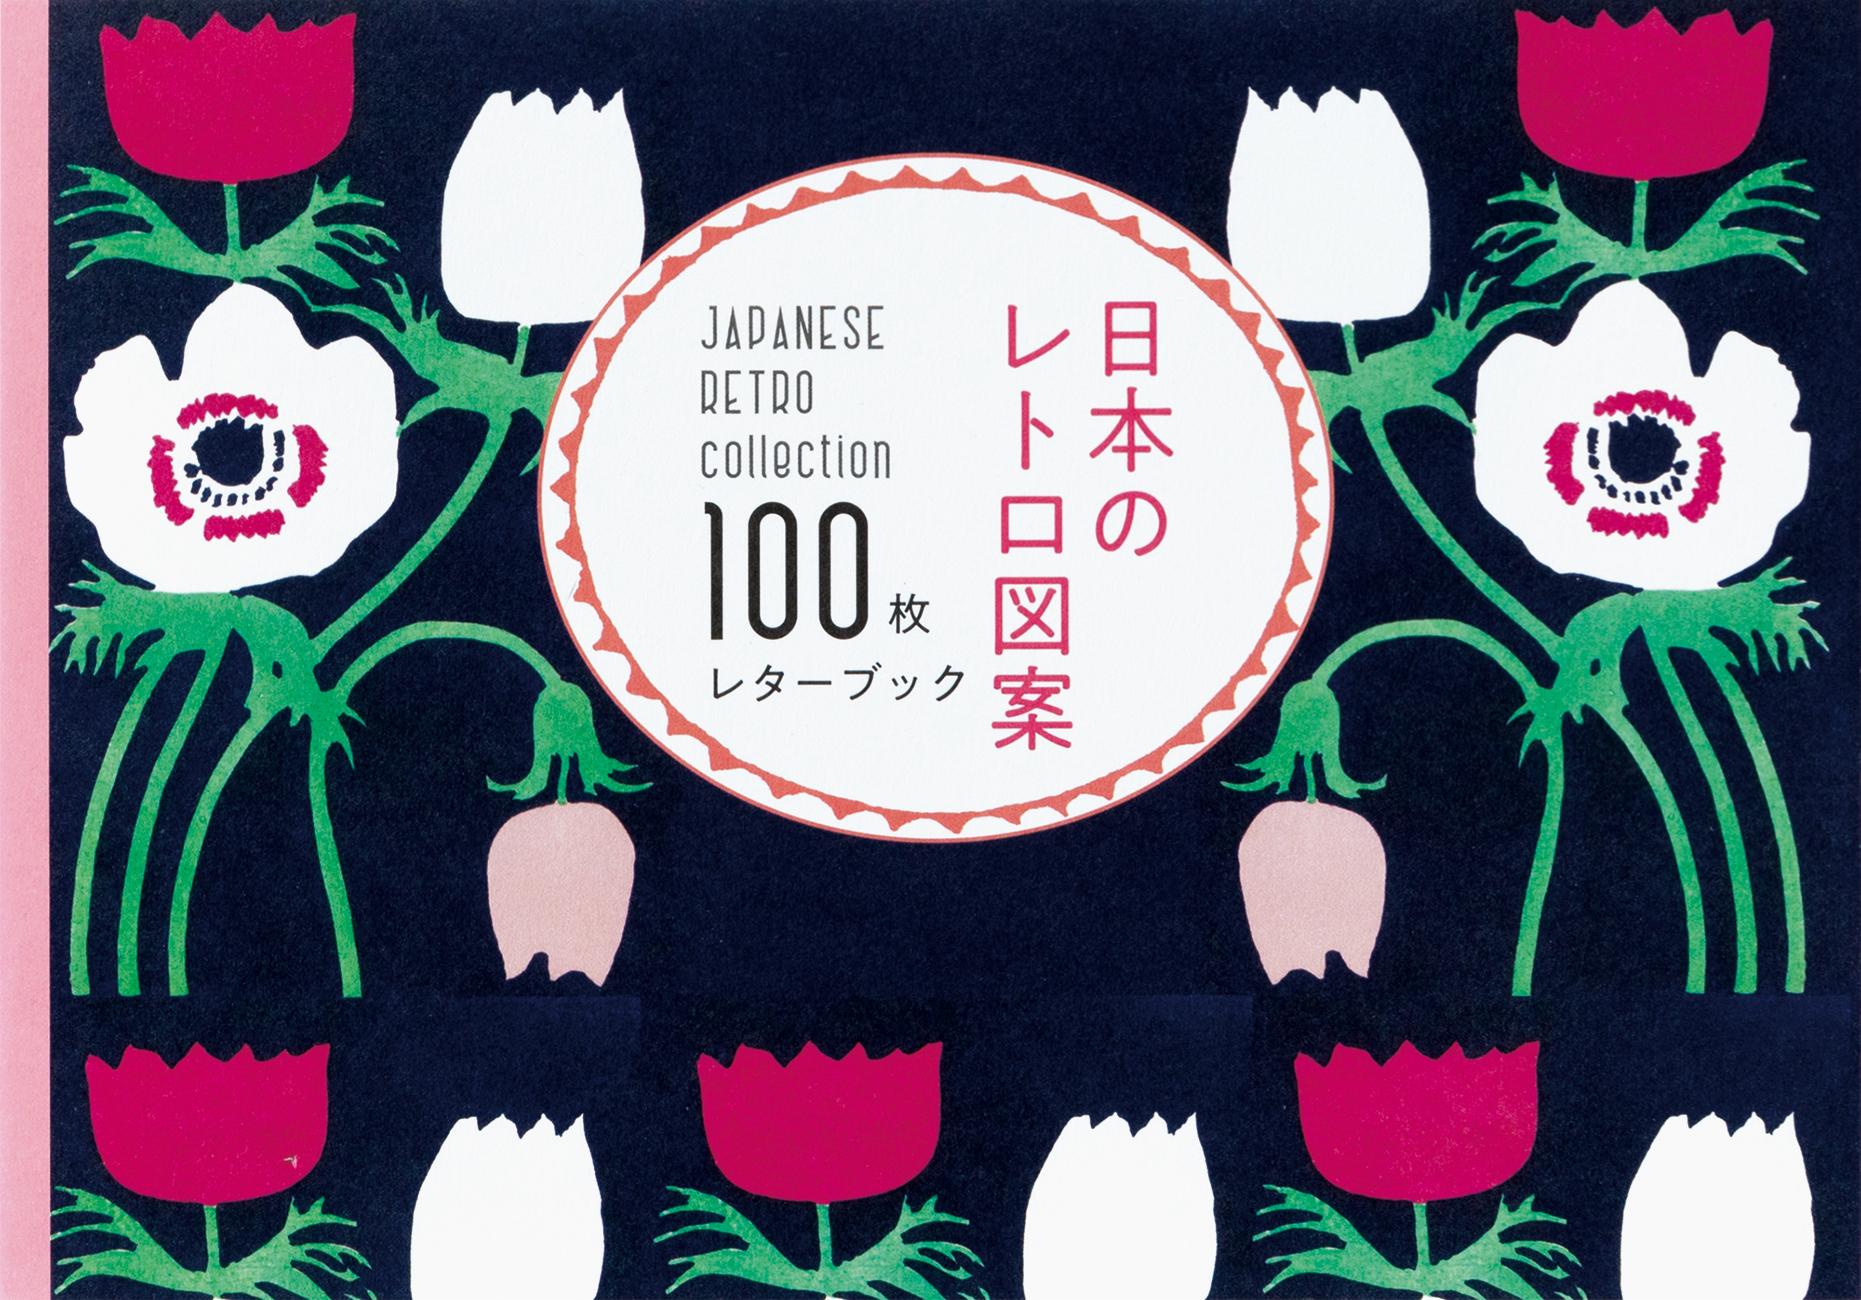 日本のレトロ図案 100枚レターブック